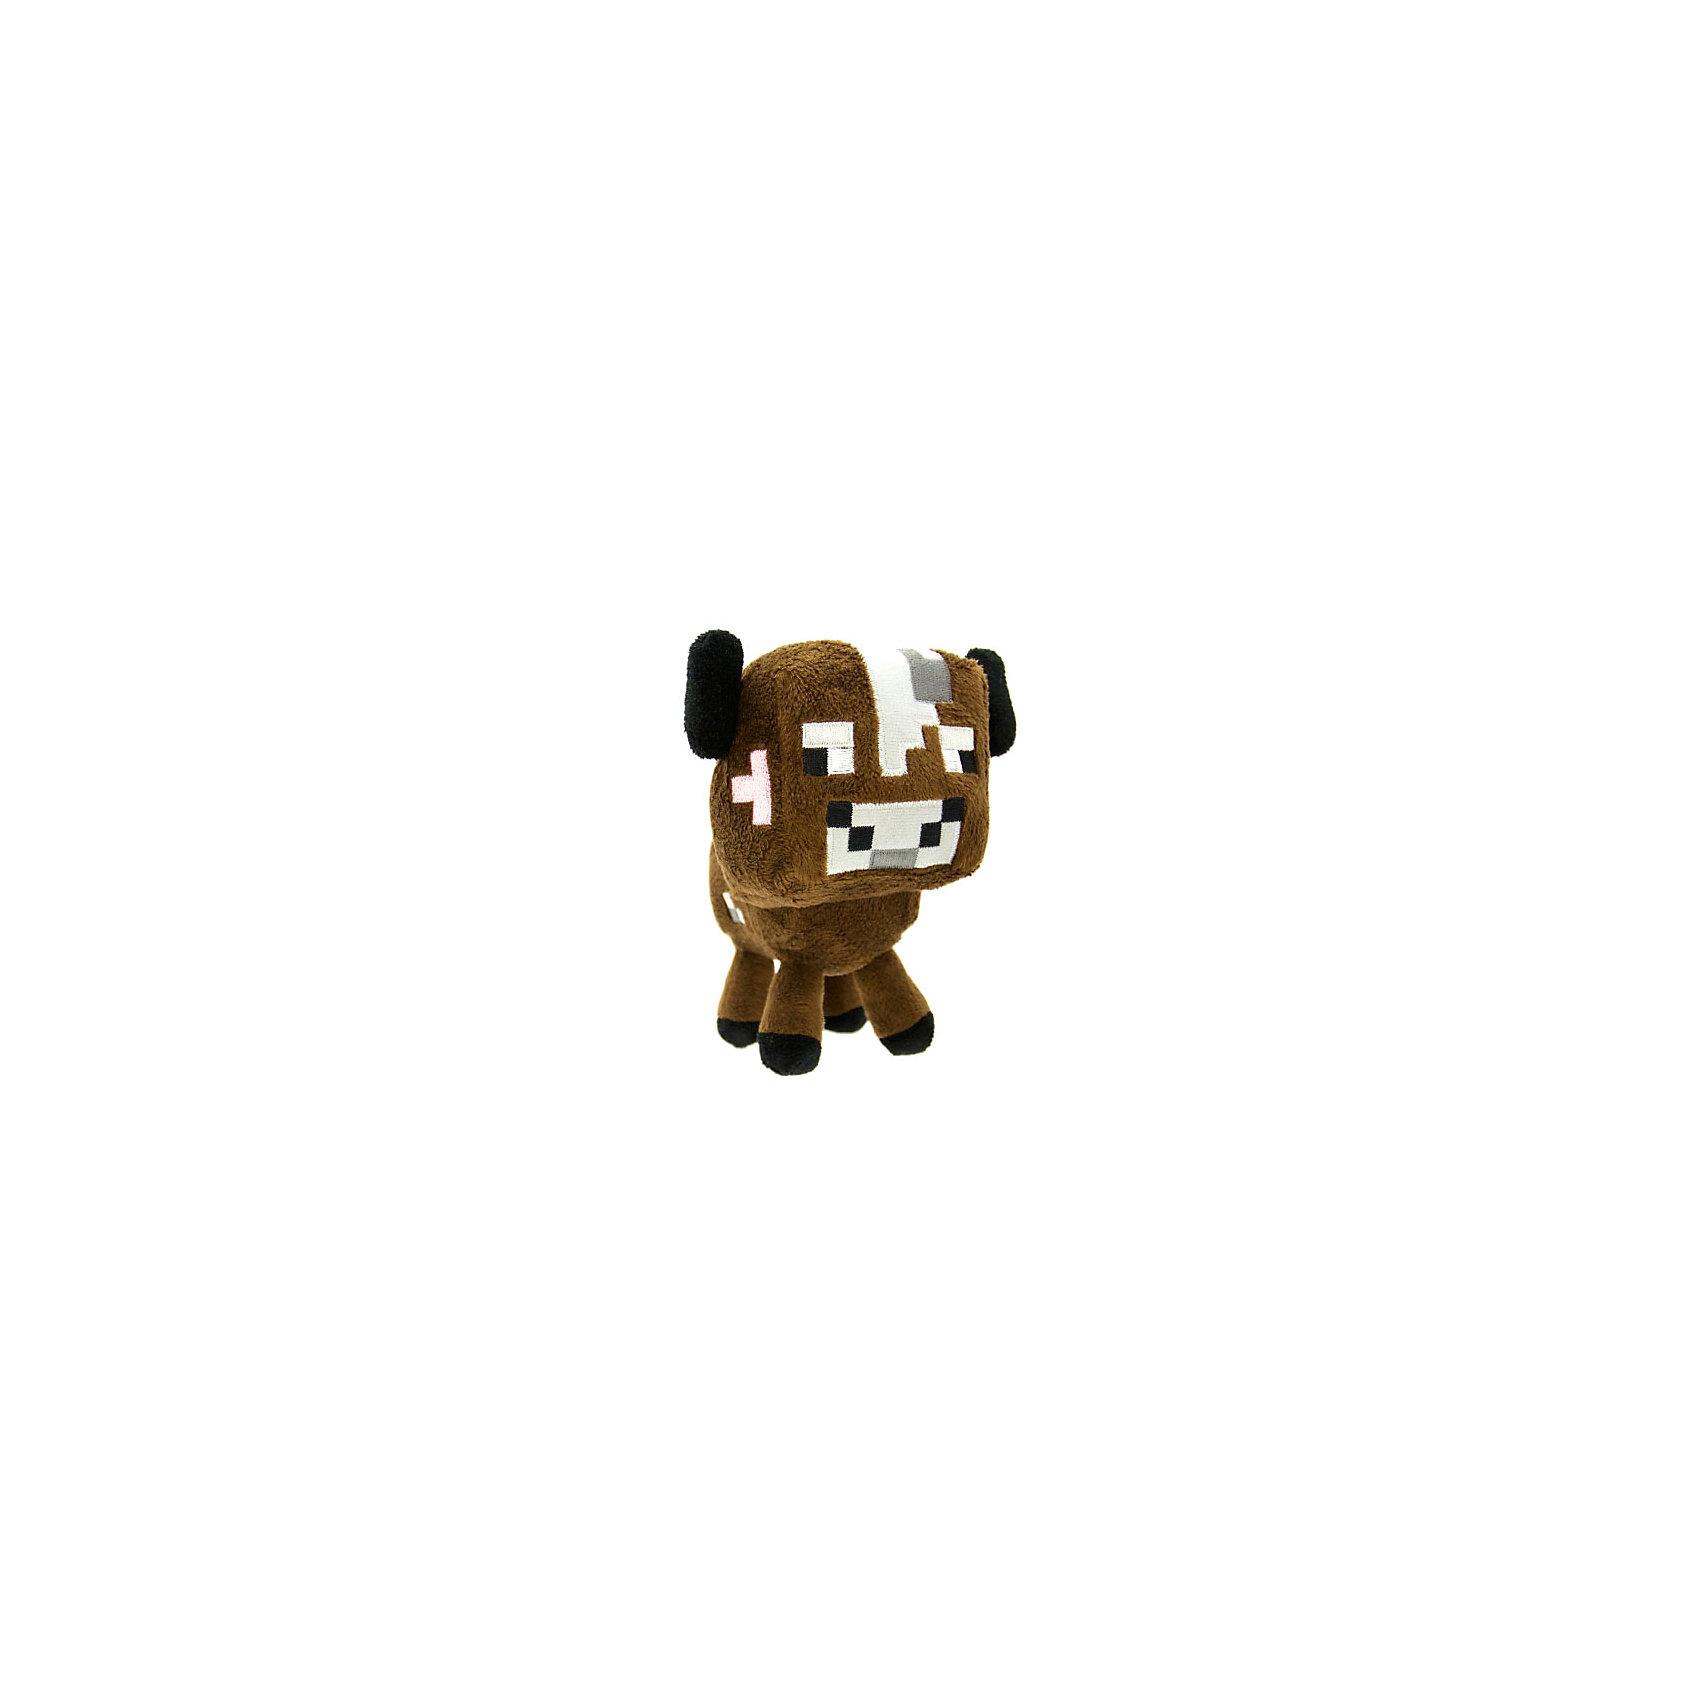 Мягкая игрушка Детеныш грибной коровы, Minecraft, в ассортиментеЛюбимые герои<br>Плюшевая игрушка Детеныш грибной коровы создана по мотивам популярной онлайн-игры Minecraft. Действия осуществляются от первого лица, а весь игровой мир, предметы, мобы (персонажи) и сам игрок состоят полностью из блоков.<br><br>Грибная корова обитает исключительно в биоме грибного острова. В отличие от обычных коров, грибная корова красного цвета и с черными глазами, а на спине у нее - красные грибы.<br><br>Высота - 18 см.<br>Внимание! Данный товар представлен в ассортименте (отличается цветовым исполнением: красный либо коричневый). Предварительный выбор определенного цвета товара, к сожалению, невозможен. При  заказе нескольких единиц данного товара возможно получение одинаковых.<br><br>Настоящее американское качество.<br><br>Ширина мм: 171<br>Глубина мм: 124<br>Высота мм: 104<br>Вес г: 114<br>Возраст от месяцев: 36<br>Возраст до месяцев: 1188<br>Пол: Унисекс<br>Возраст: Детский<br>SKU: 4278007